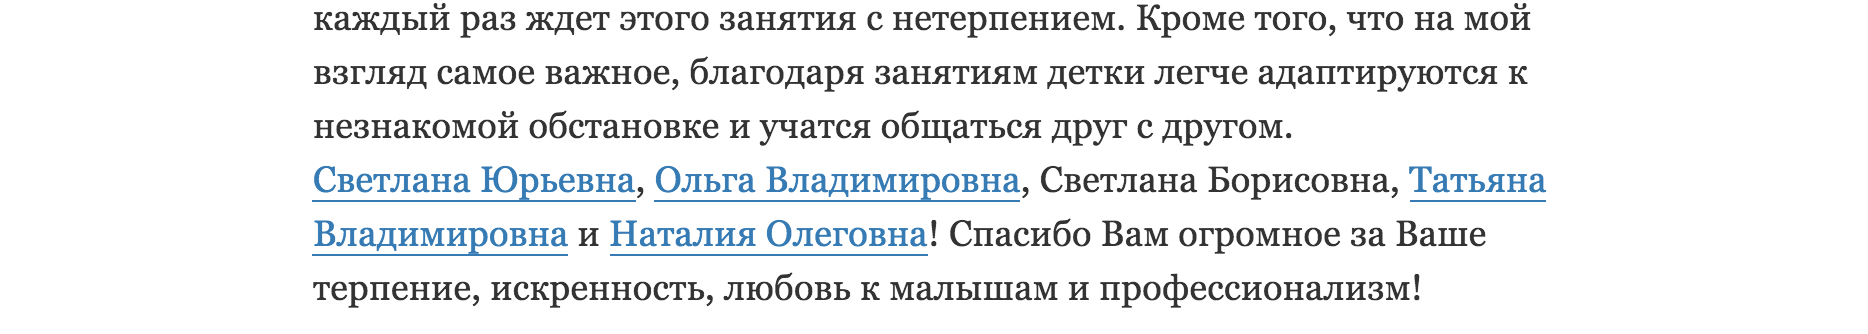 Выбор детского сада в Москве - 2